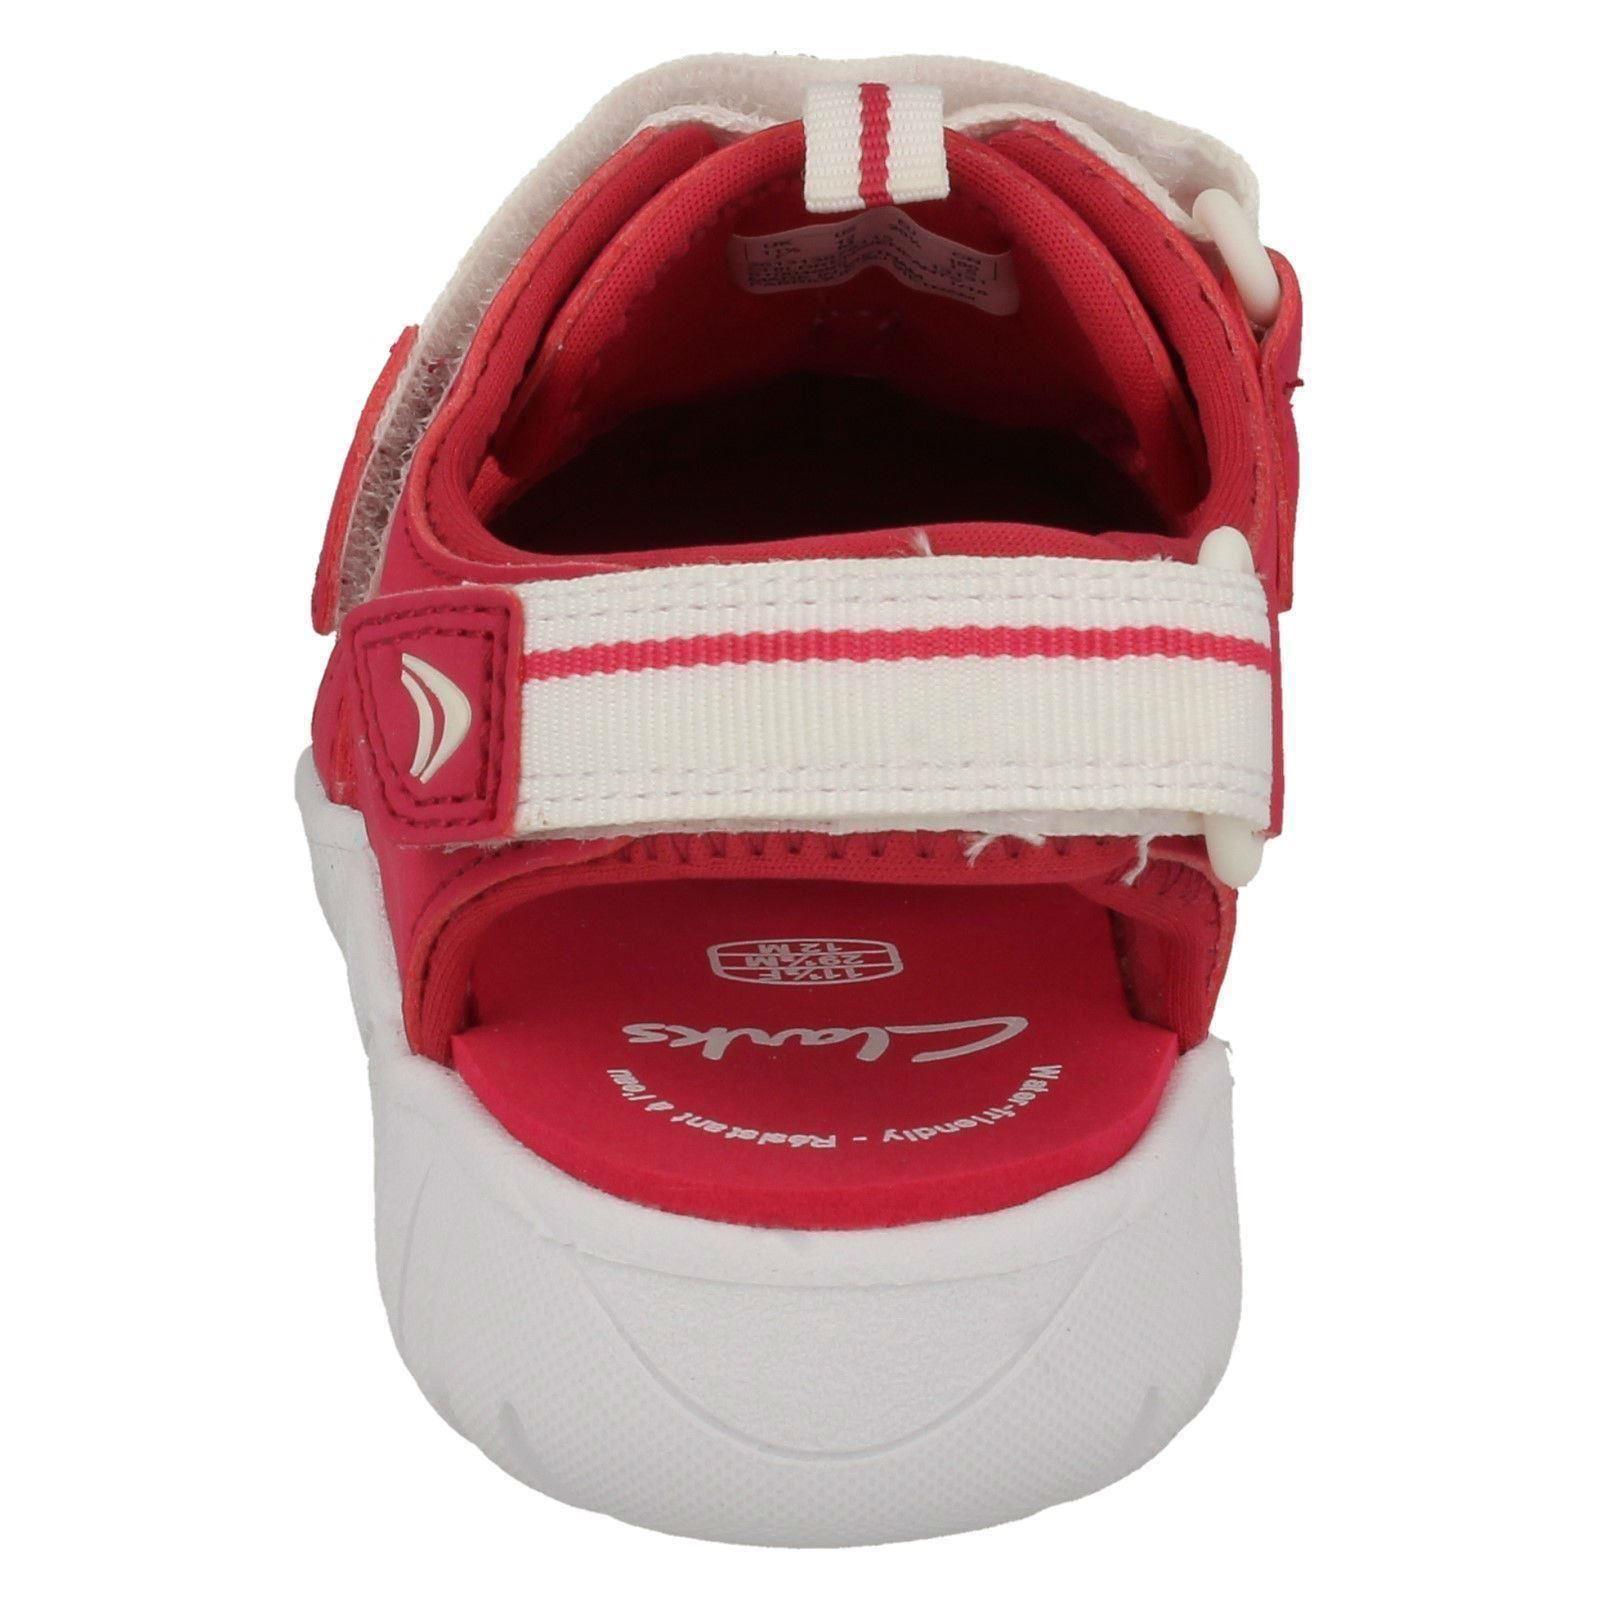 Sandals rosa Frambuesa Trainer Beach Clarks Niñas Rapid Casual 1SgqRT1wO